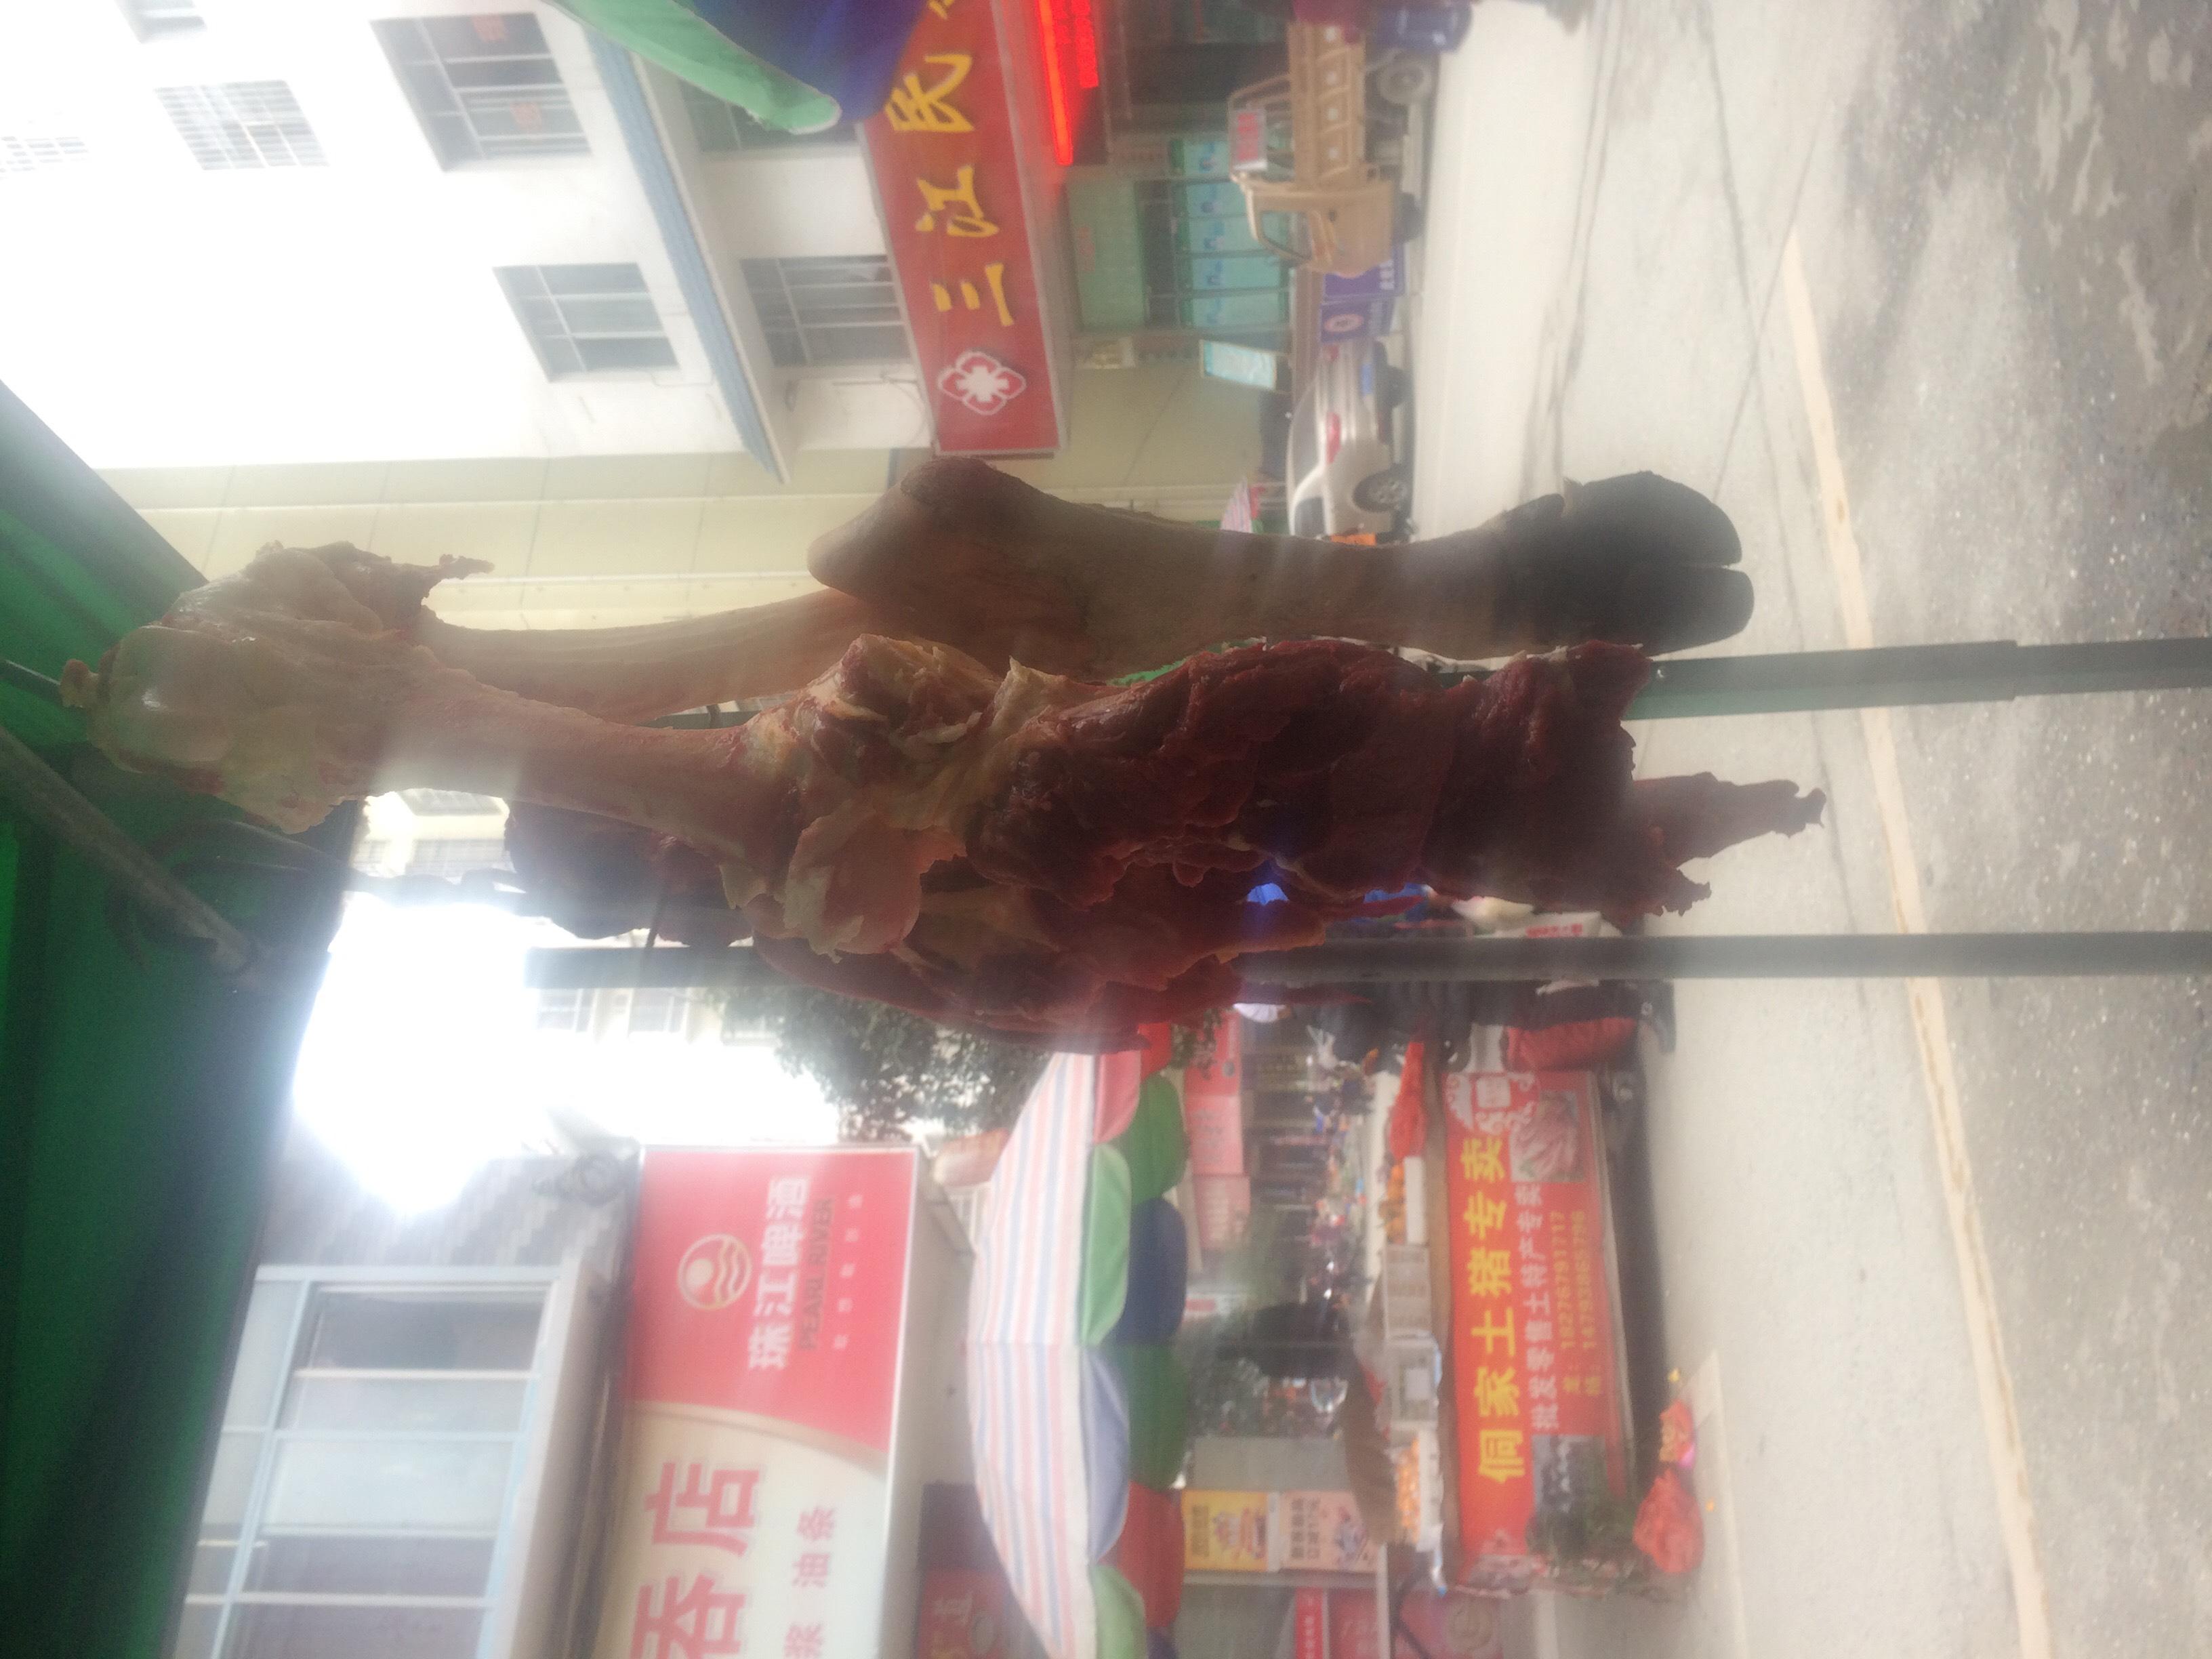 [牛前肉批发]牛前肉 生肉 价格38元/斤